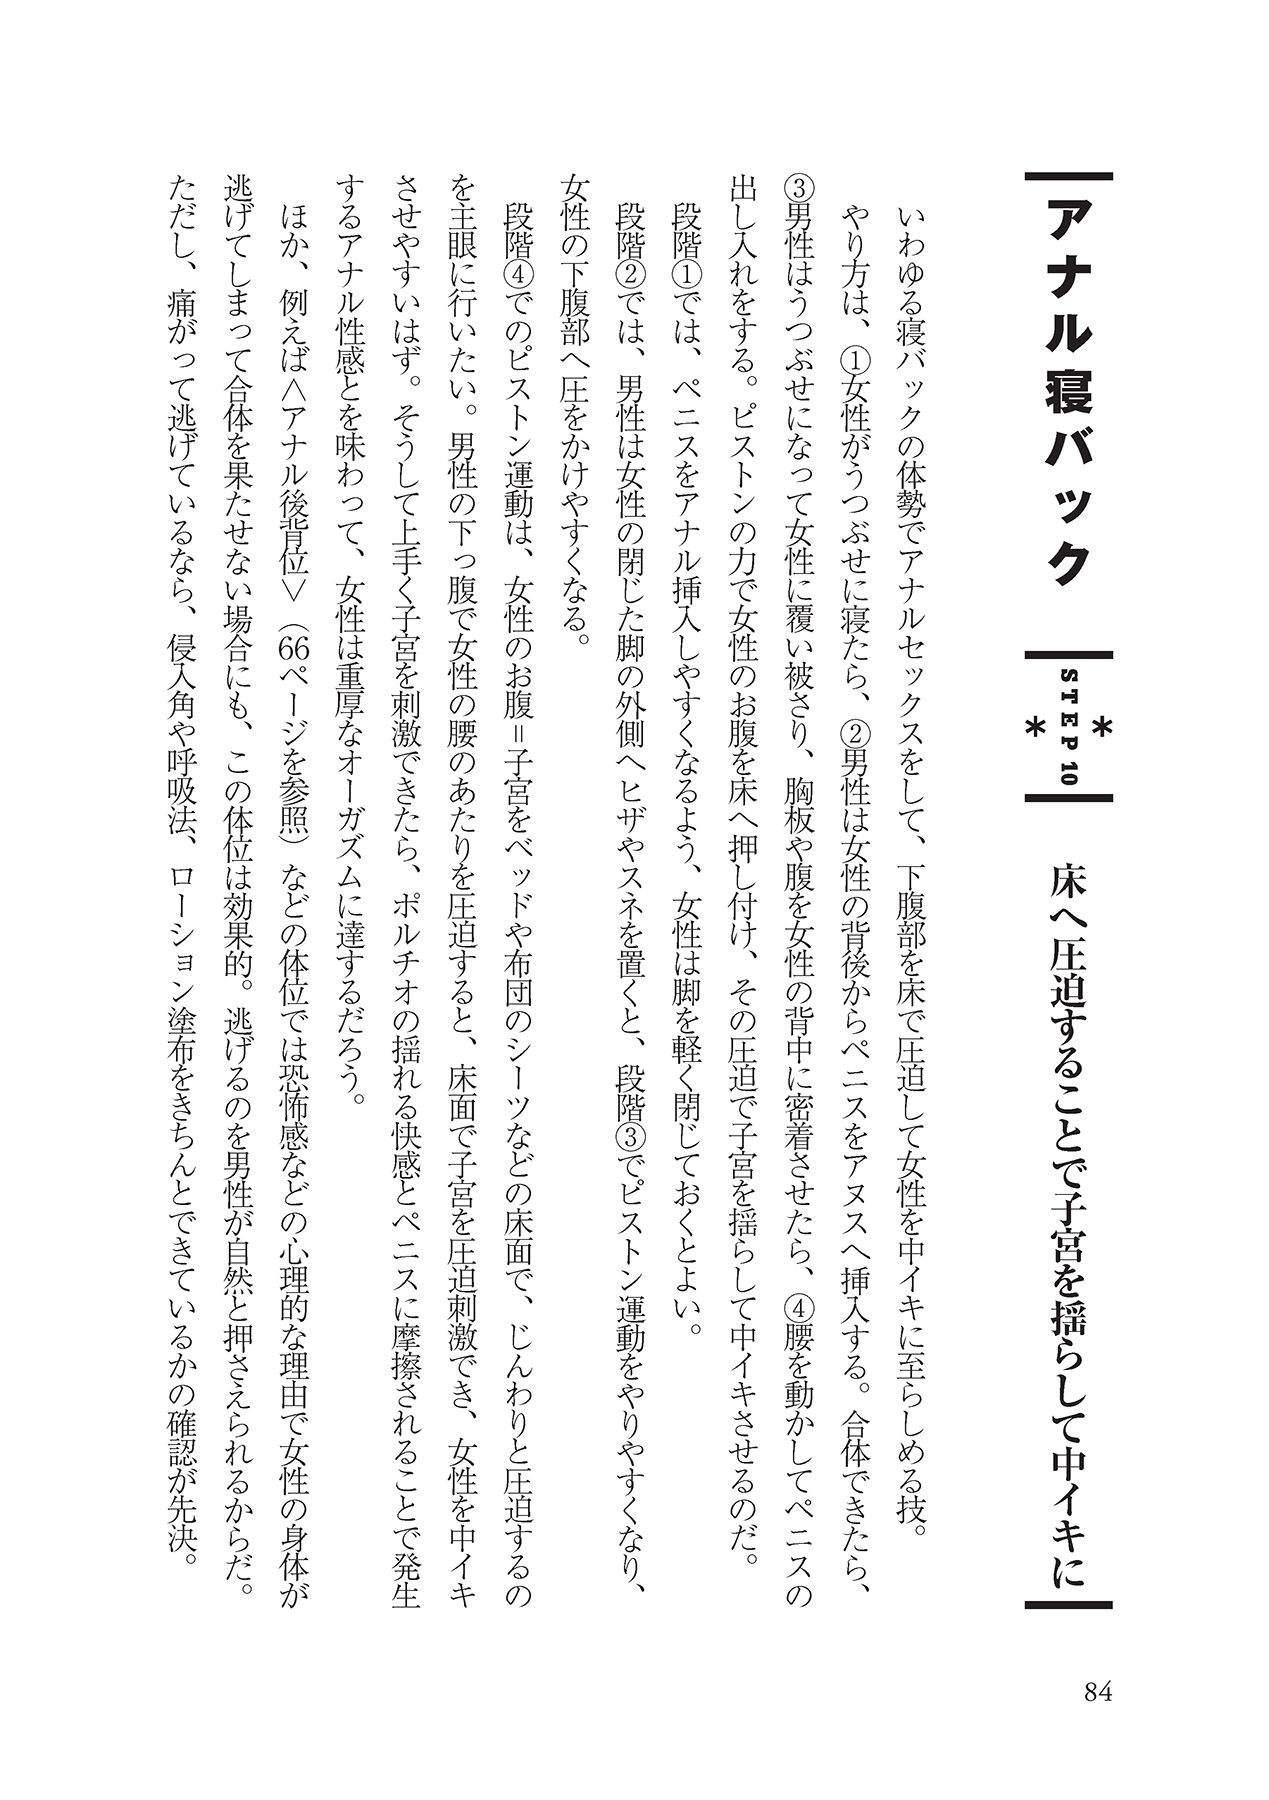 アナル性感開発・お尻エッチ 完全マニュアル 85